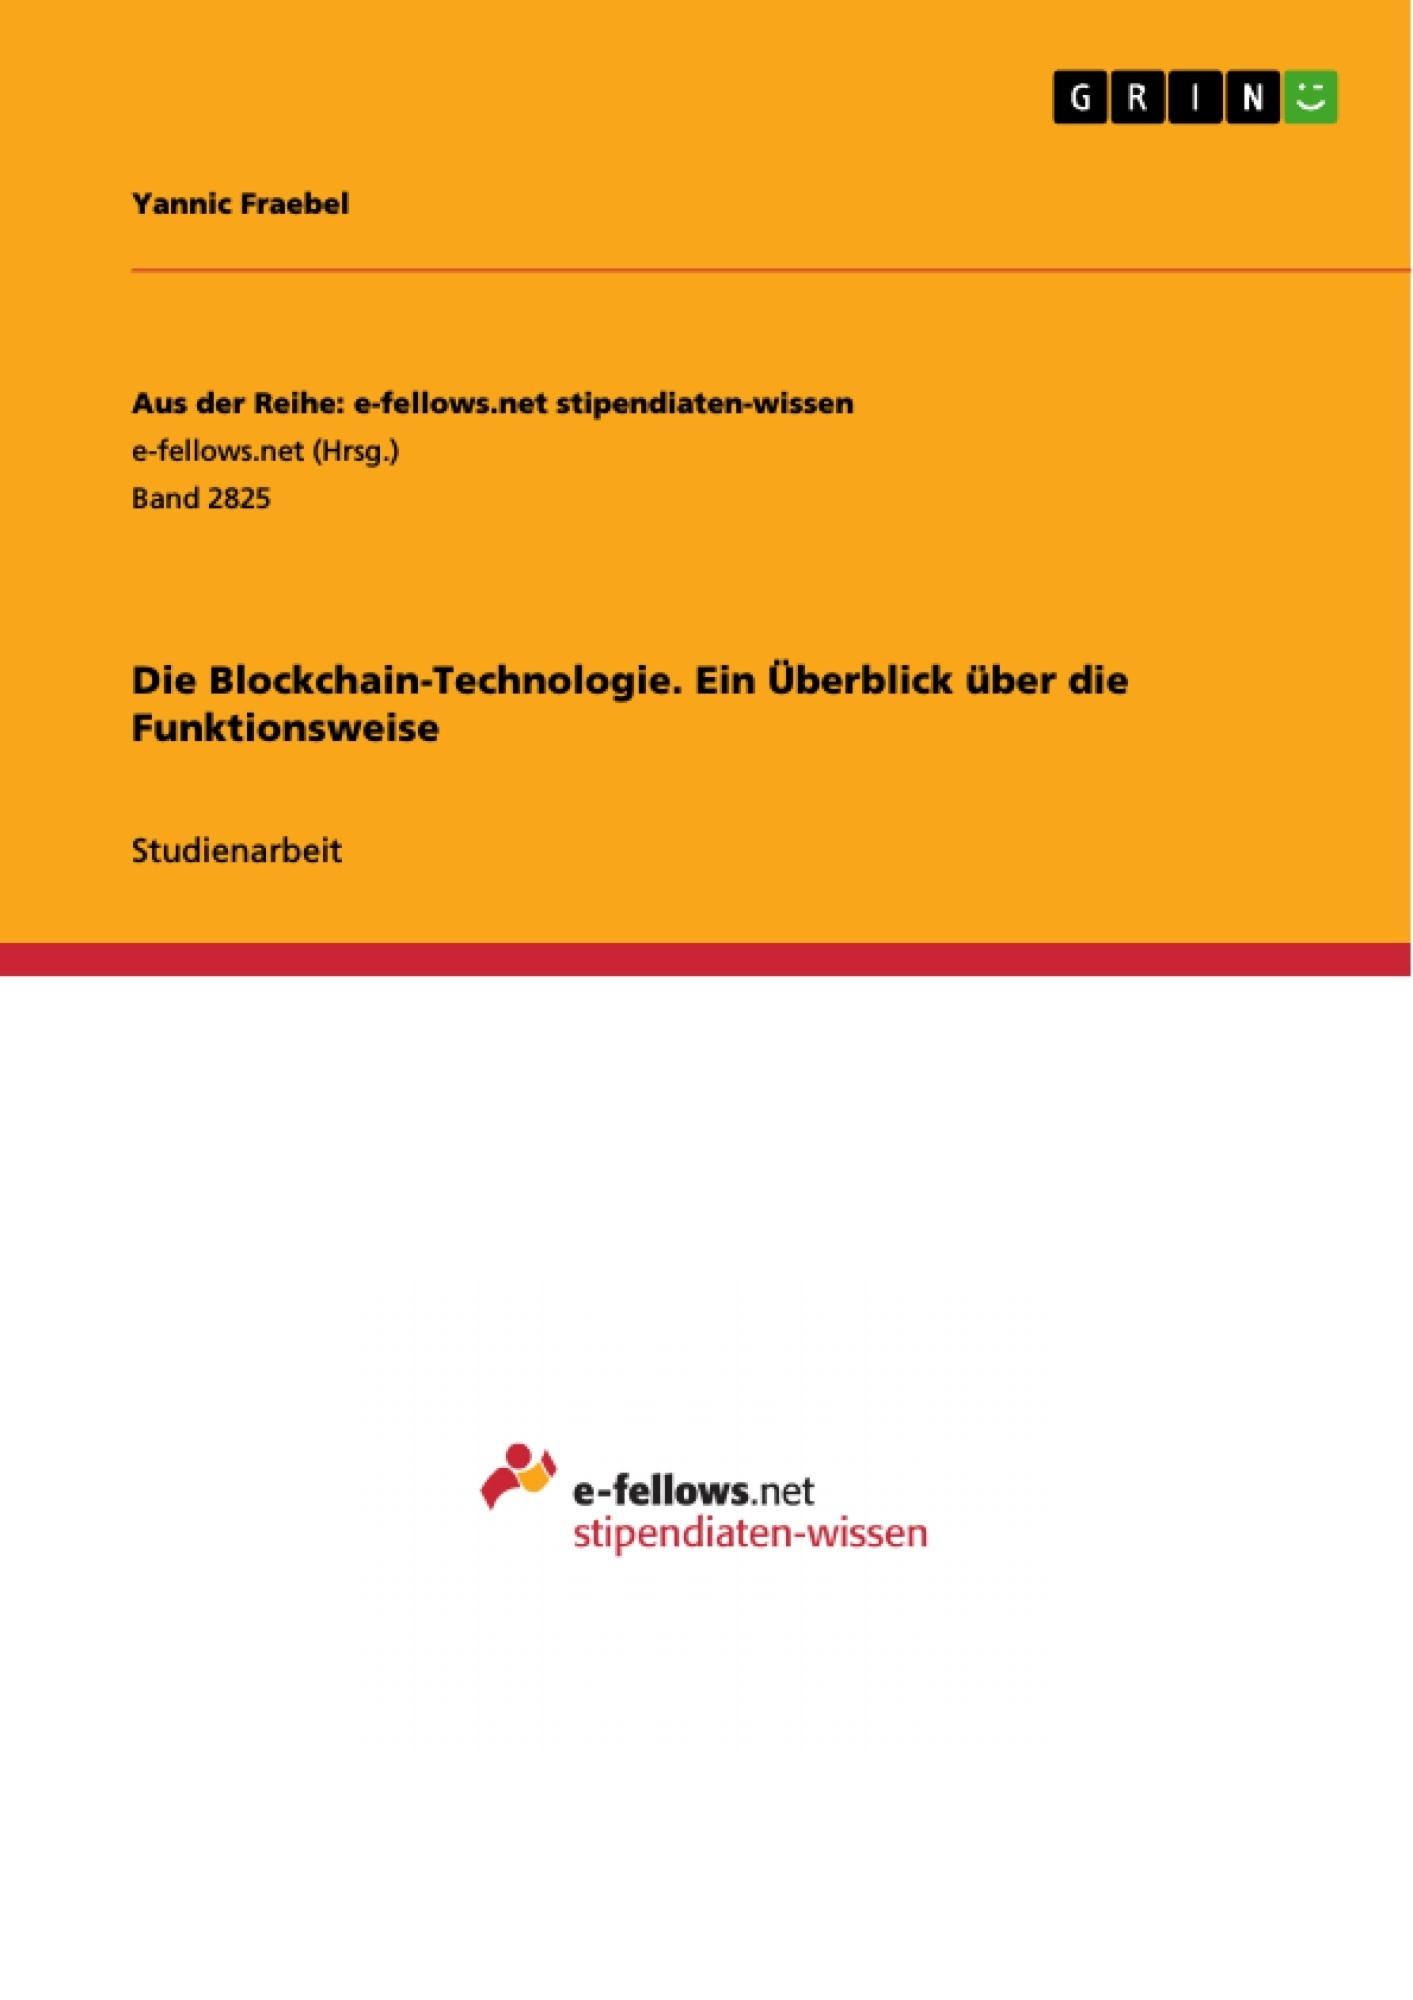 Titel: Die Blockchain-Technologie. Ein Überblick über die Funktionsweise